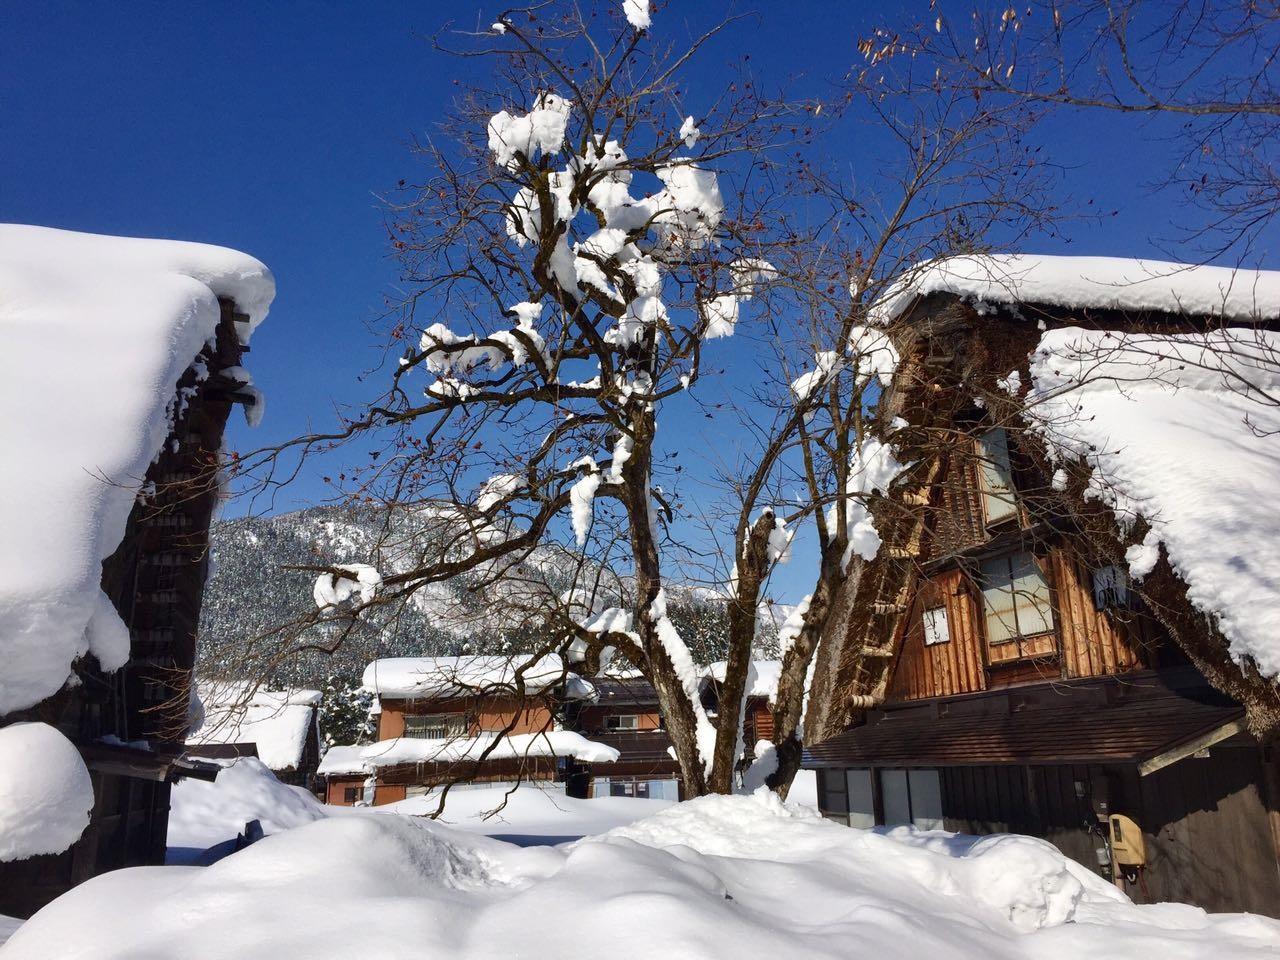 יום 10 - עוד ממראות הפלא של החורף